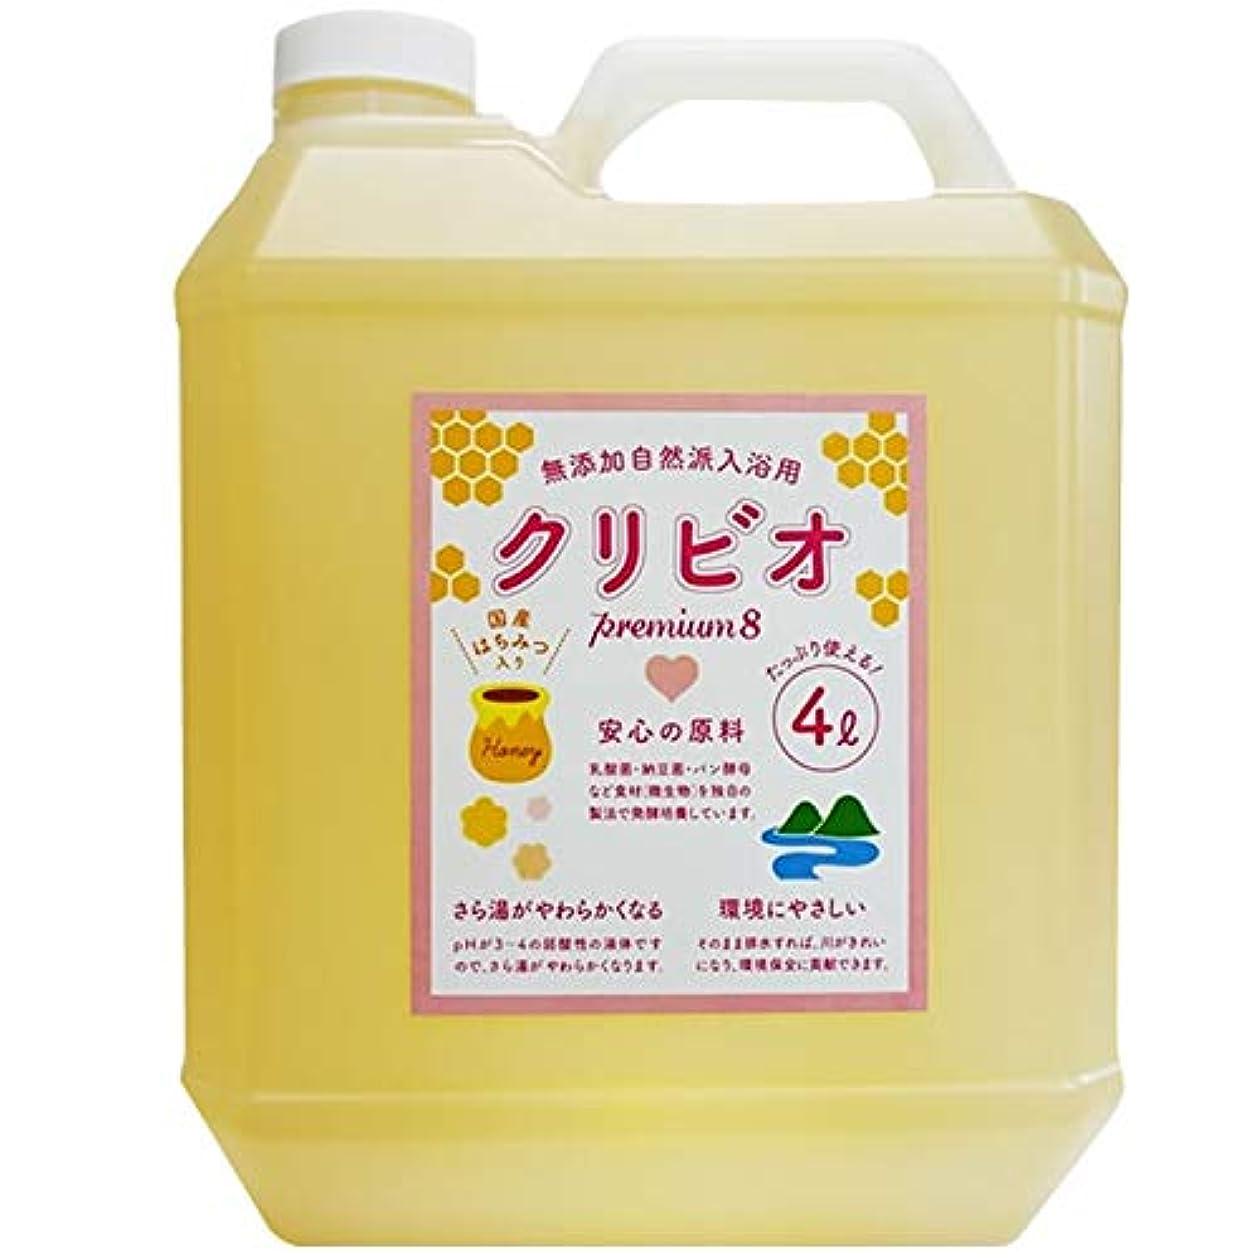 海外で添加敬の念国産蜂蜜乳酸菌入り 自然派入浴用クリビオpremium8 4リットルお徳用*計量カップ?L型ノズル付【無添加】